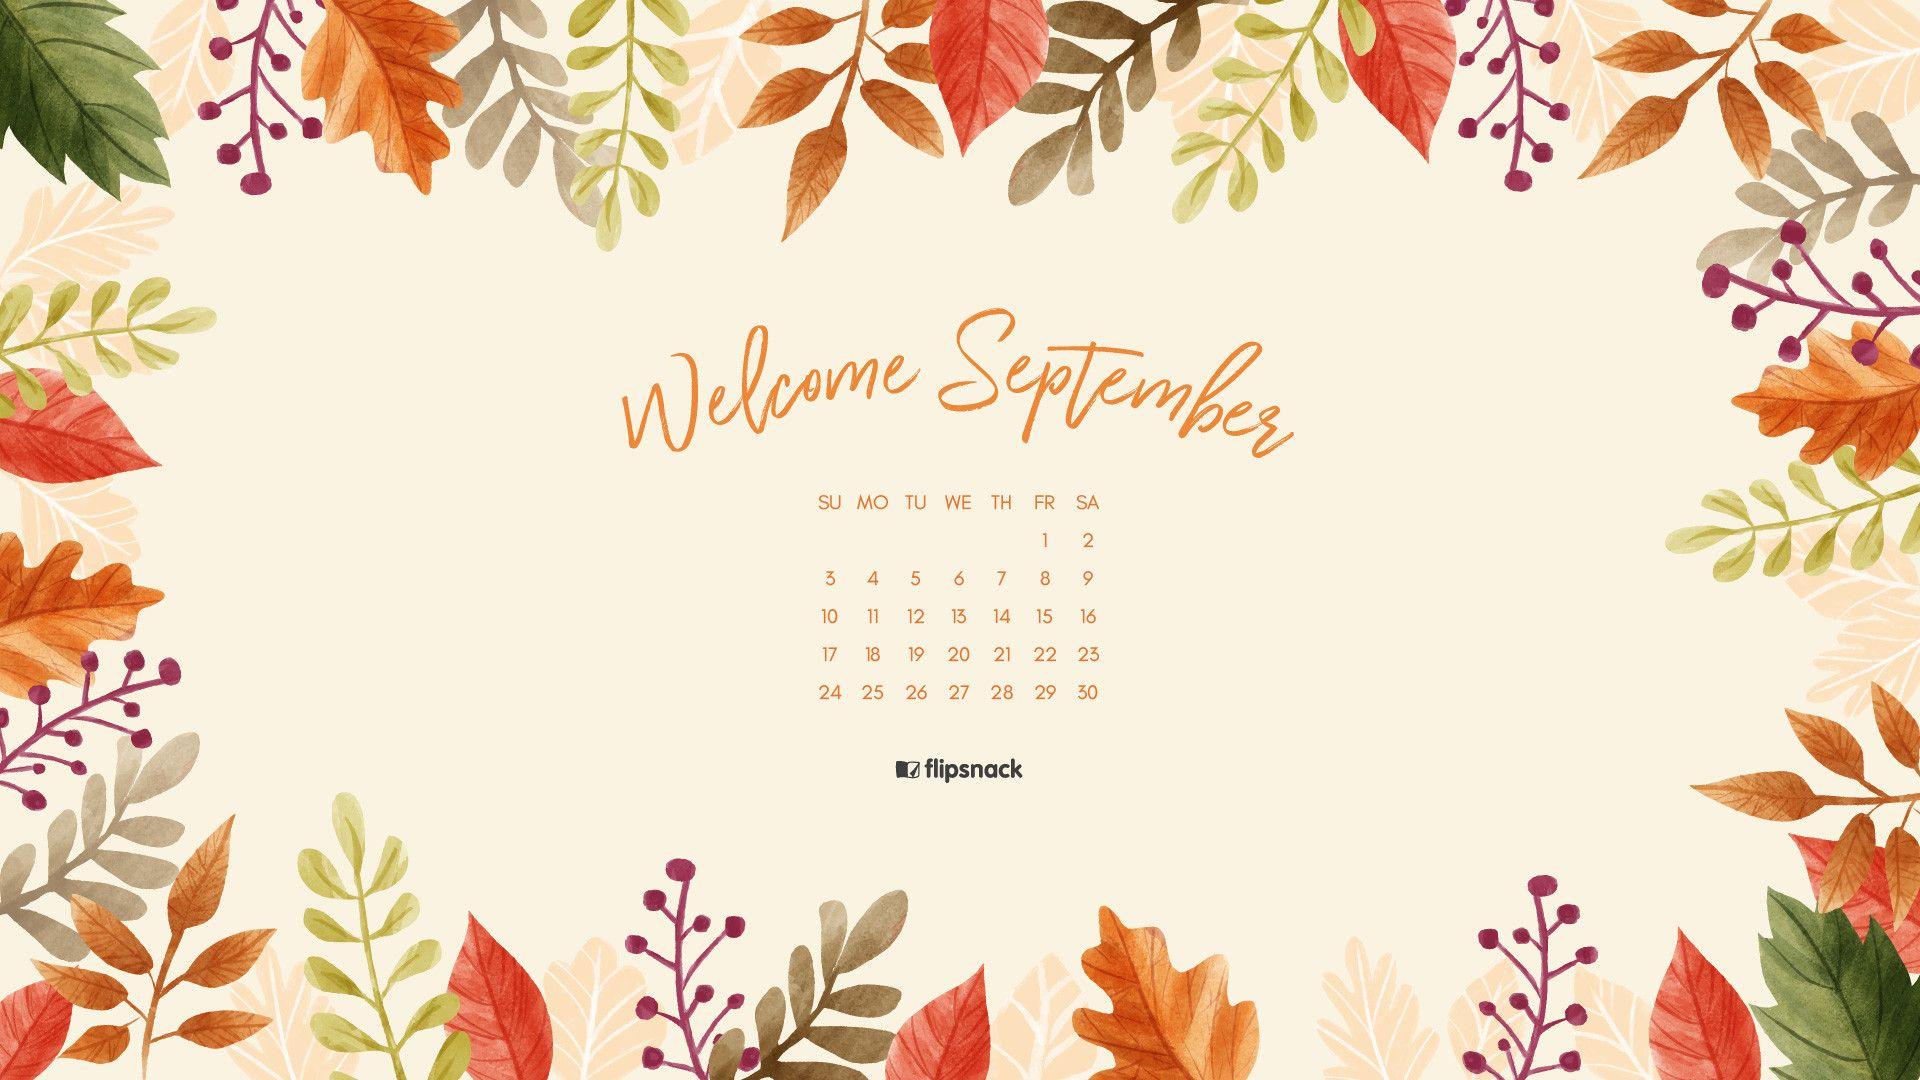 Desktop Wallpapers Calendar October 2018 57 Images In 2019